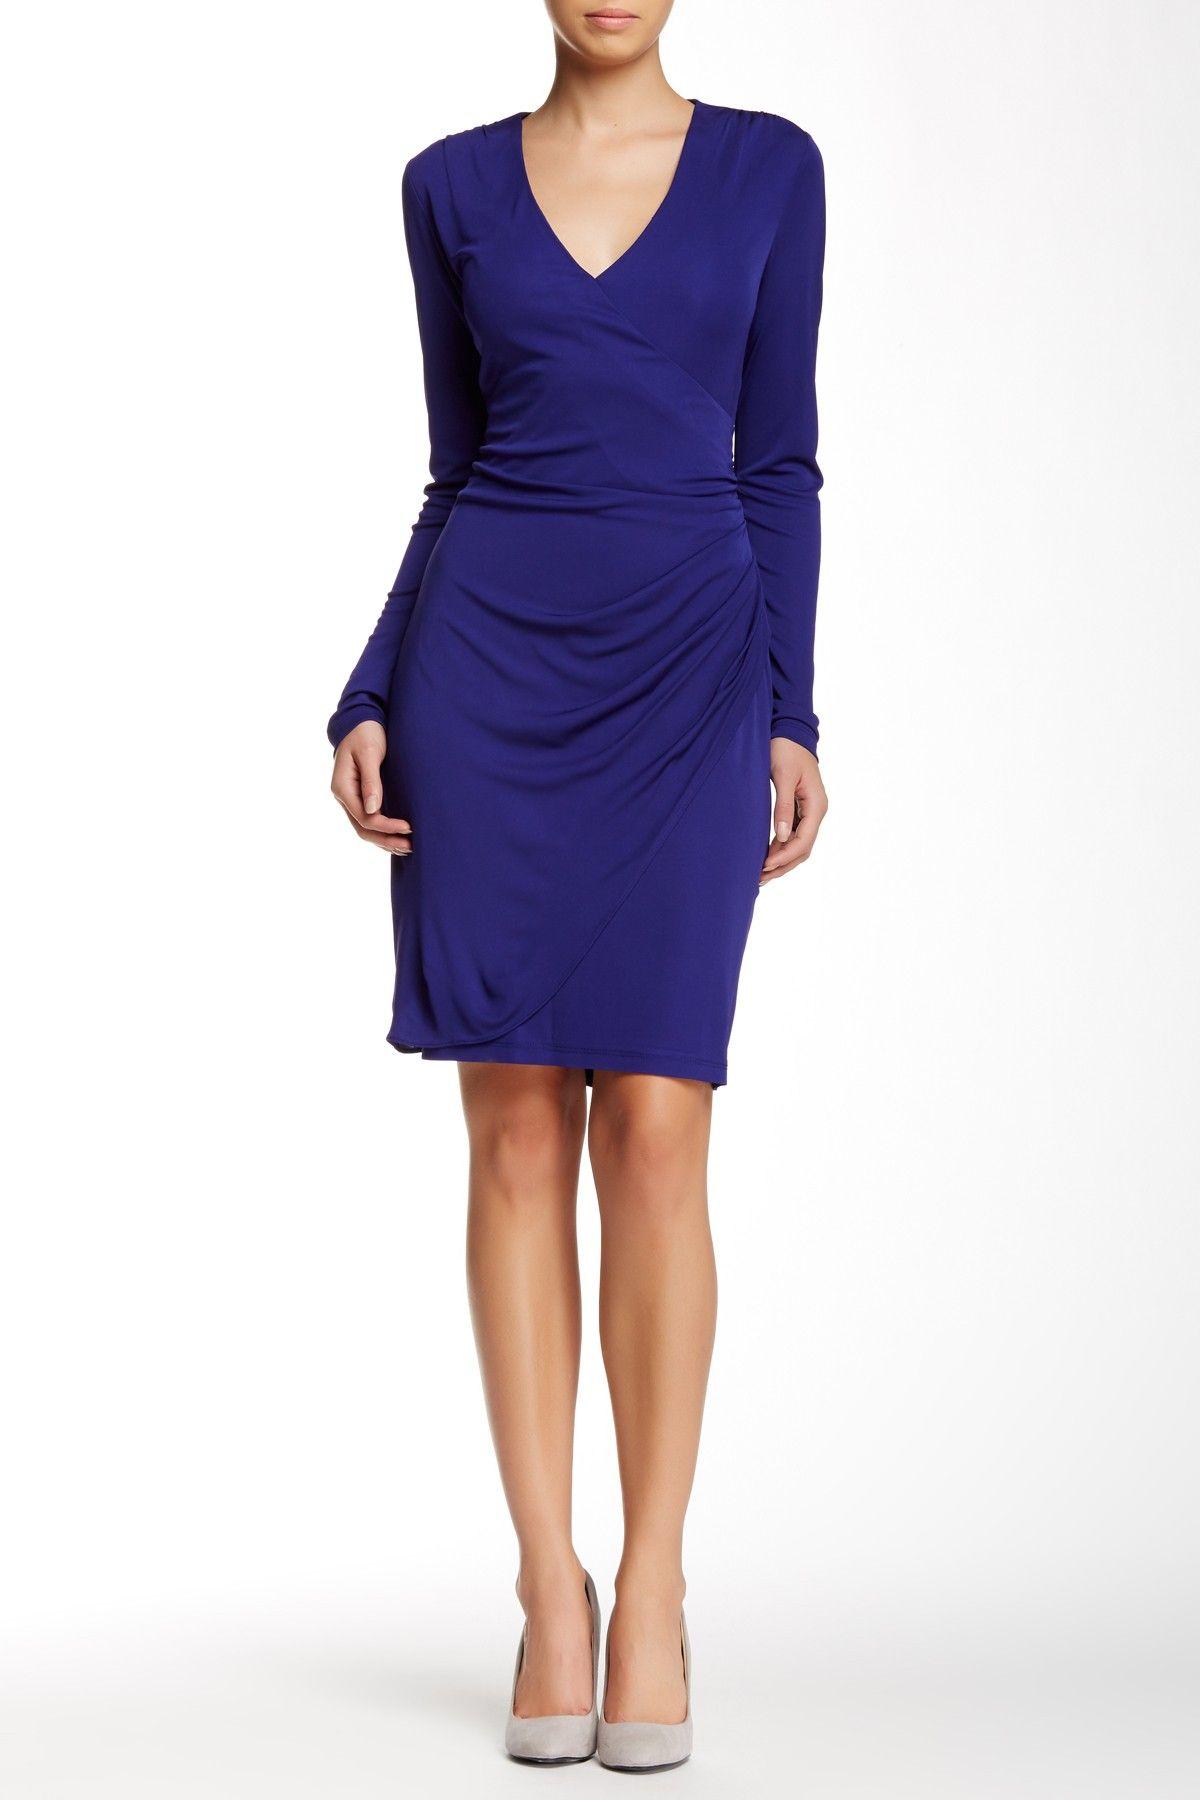 Long Sleeve V-Neck Faux Wrap Dress | Mi estilo, Vestiditos y Estilo